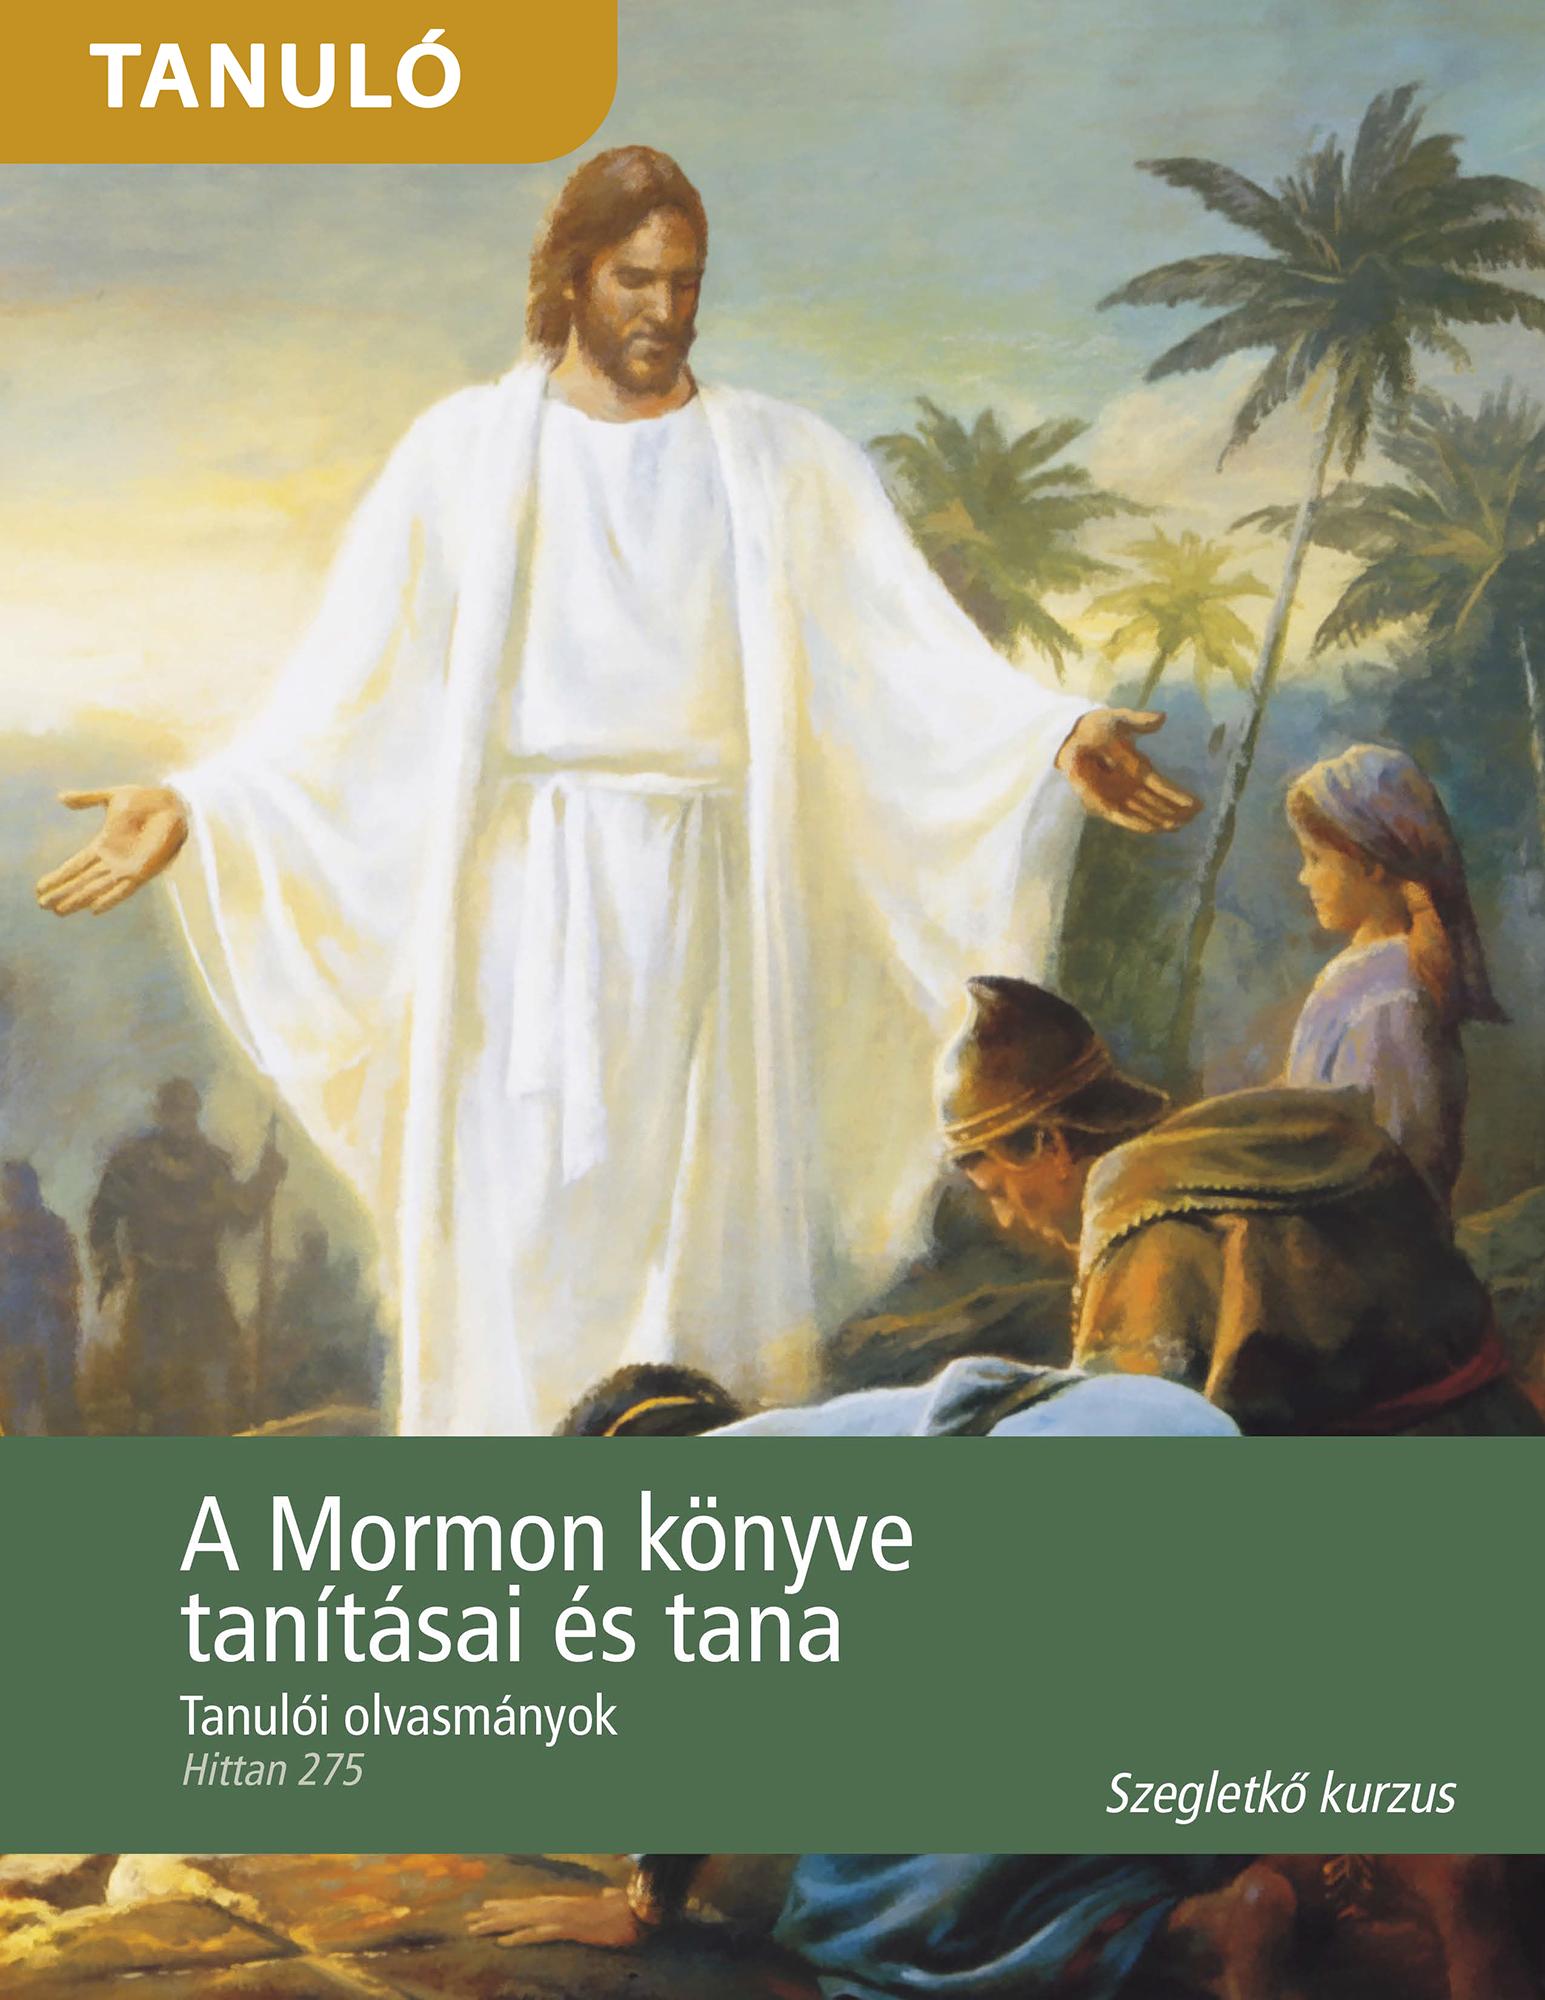 A Mormon könyve tanításai és tana tanulói olvasmányok (Hittan 275)